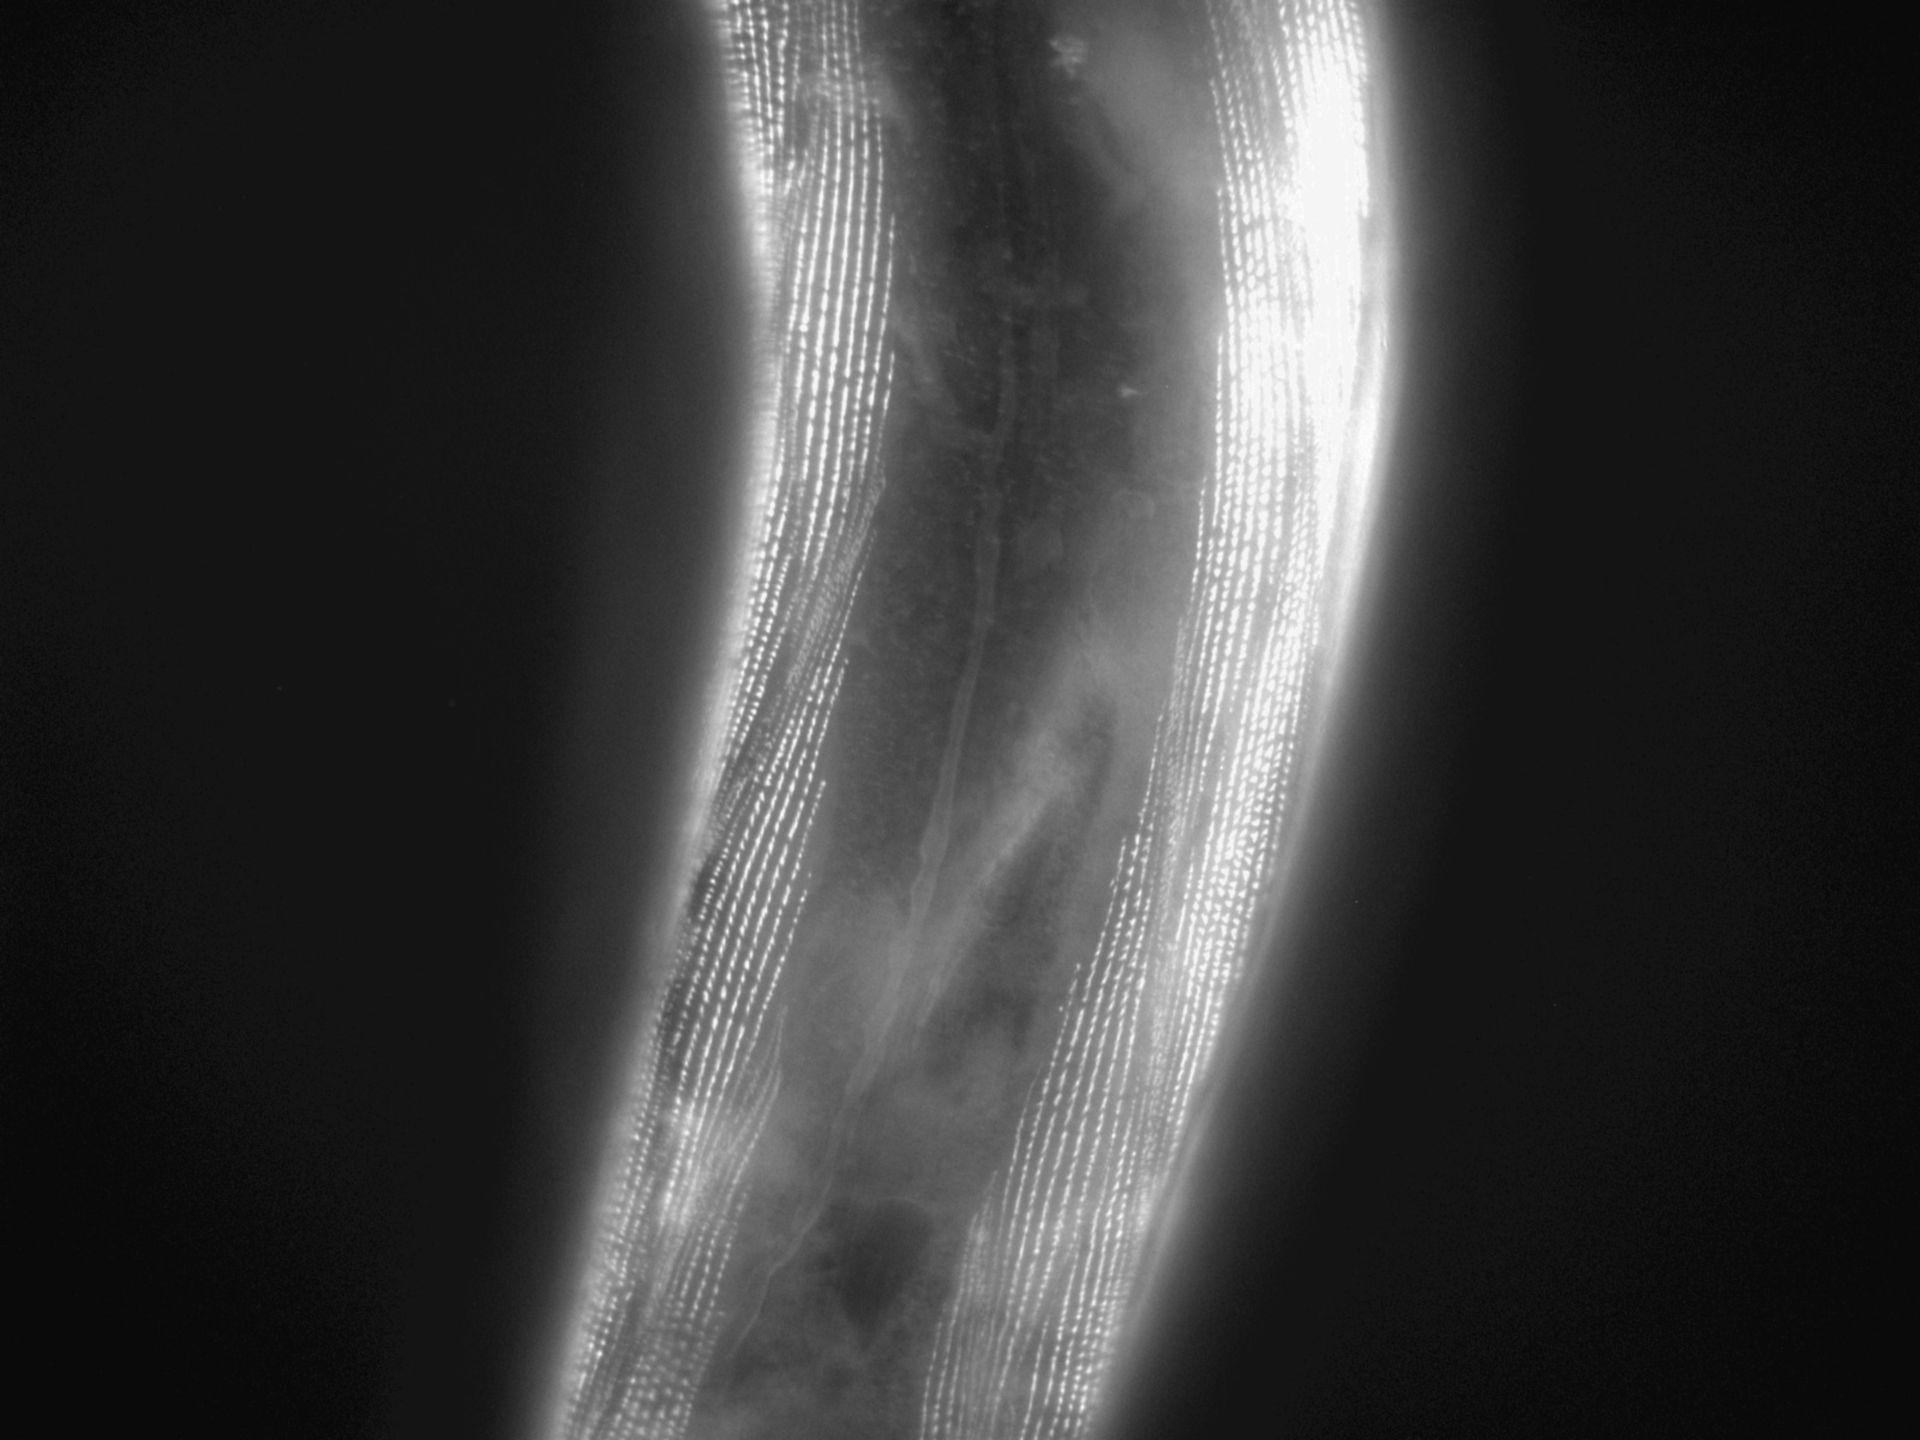 Caenorhabditis elegans (filamento di actina) - CIL:1185